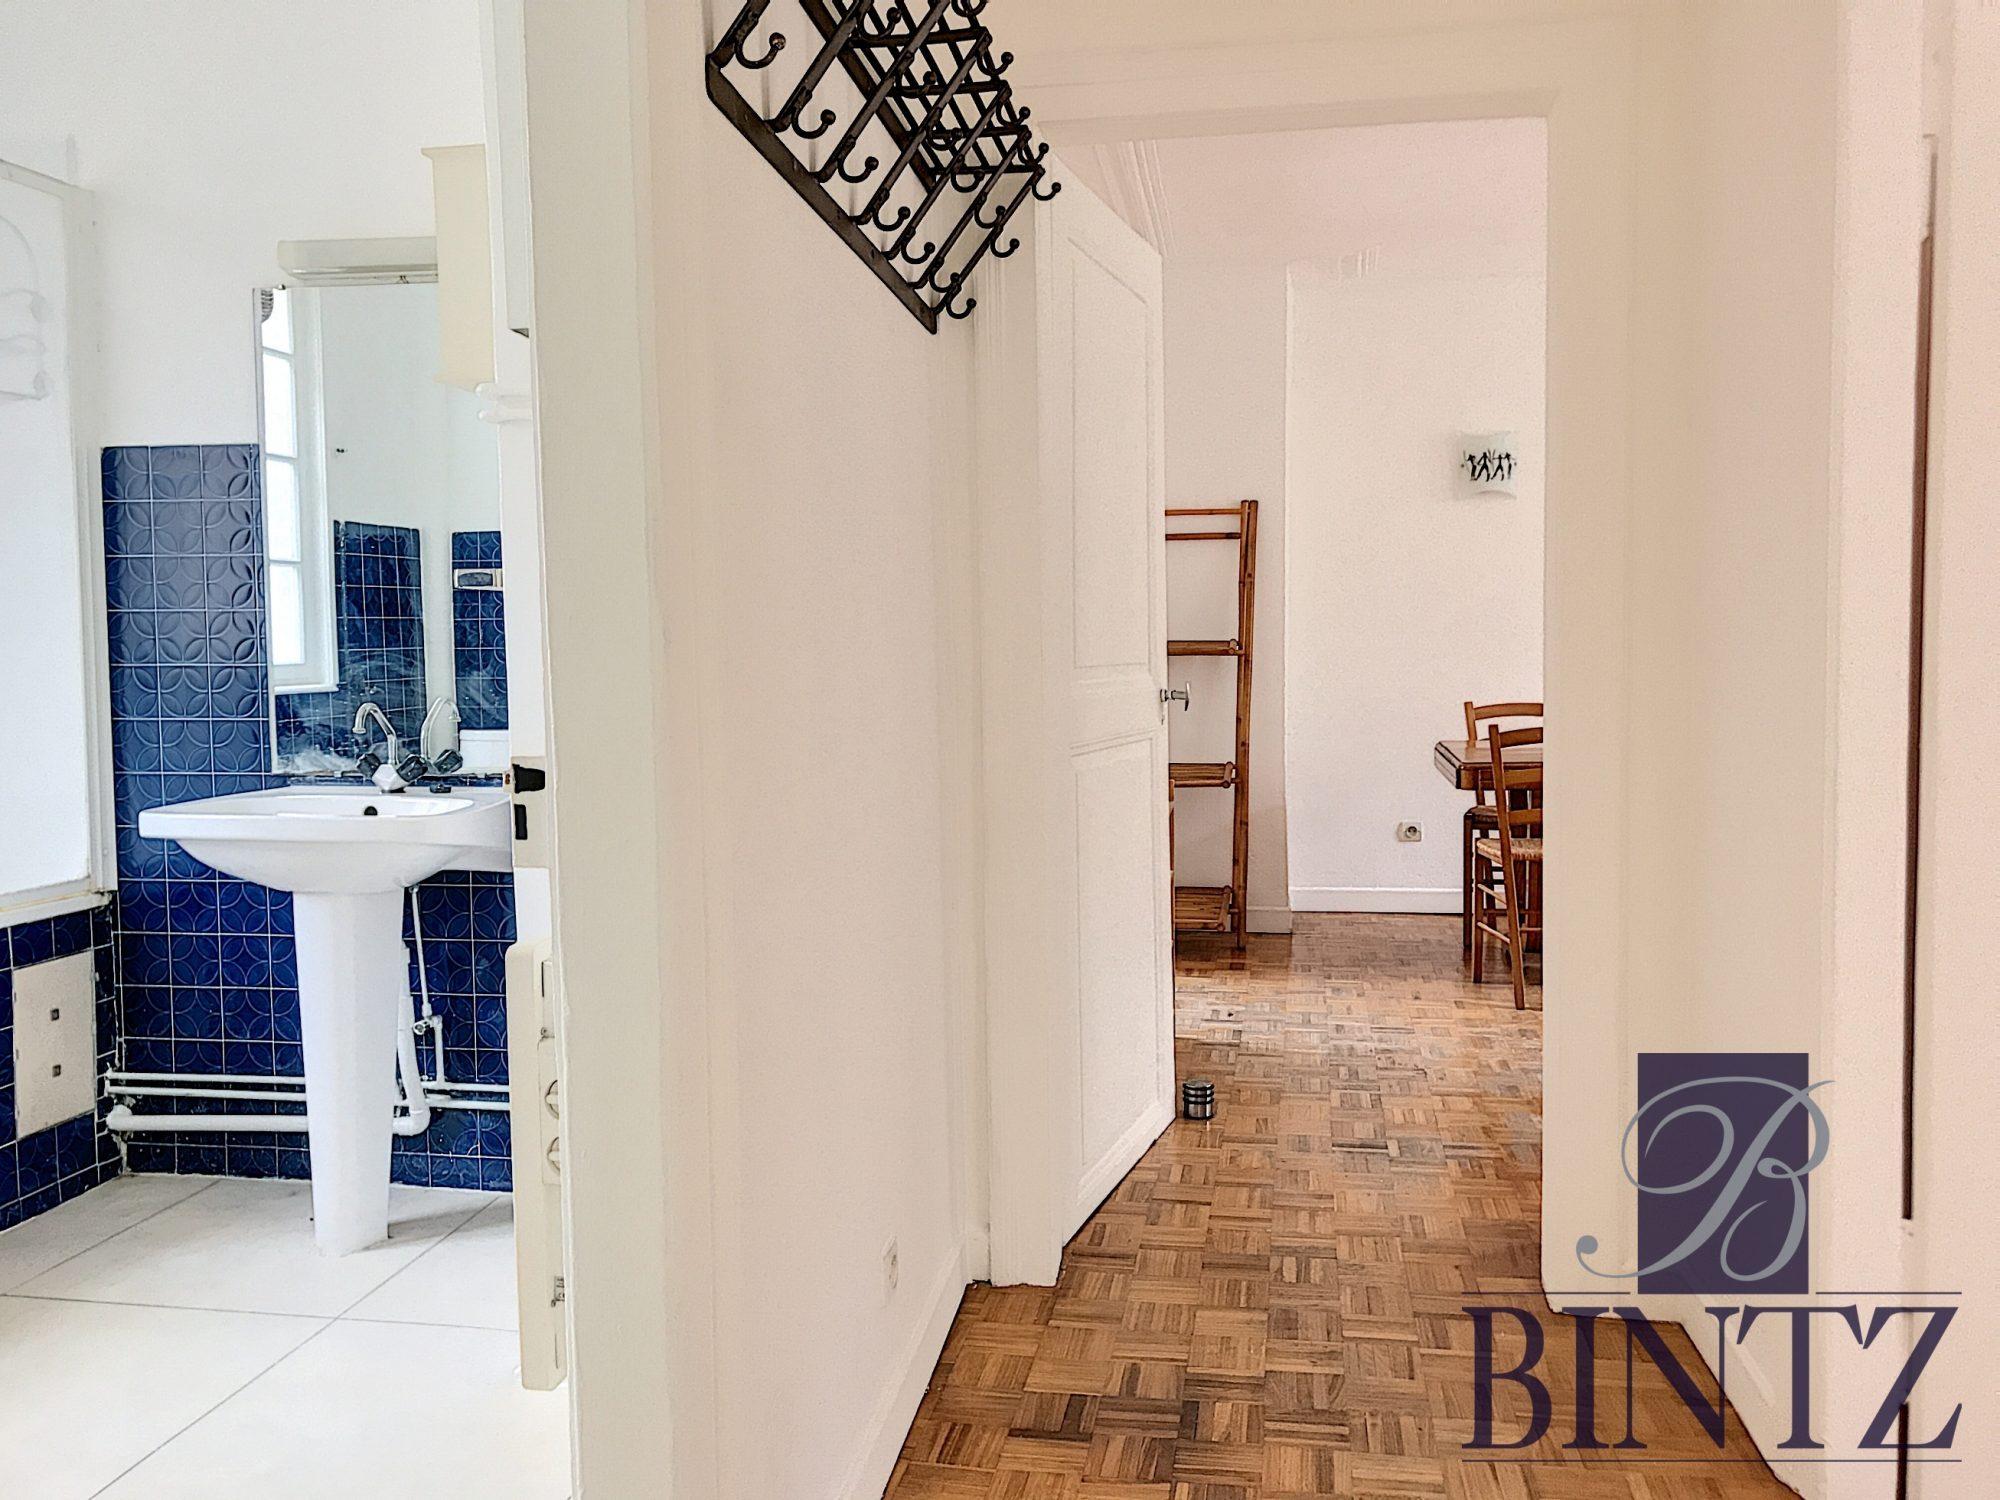 2 PIÈCES MEUBLÉ HYPER CENTRE - Devenez locataire en toute sérénité - Bintz Immobilier - 6